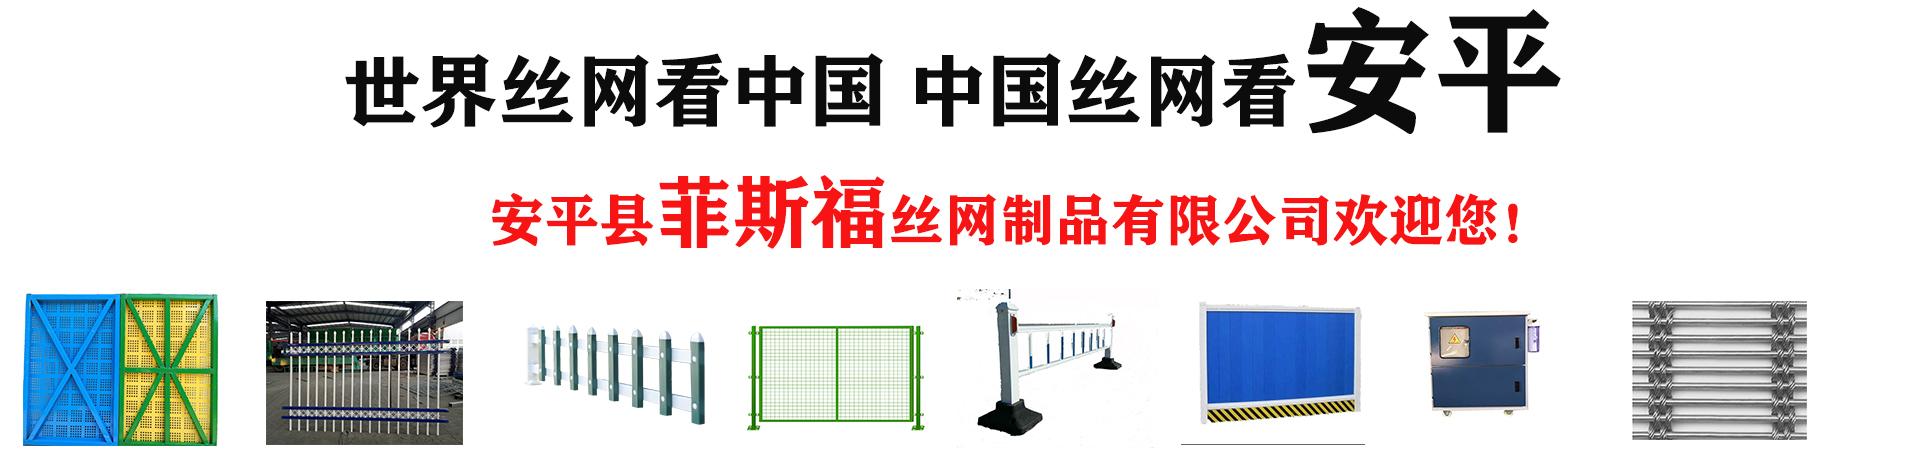 安平县菲斯福丝网制品有限公司